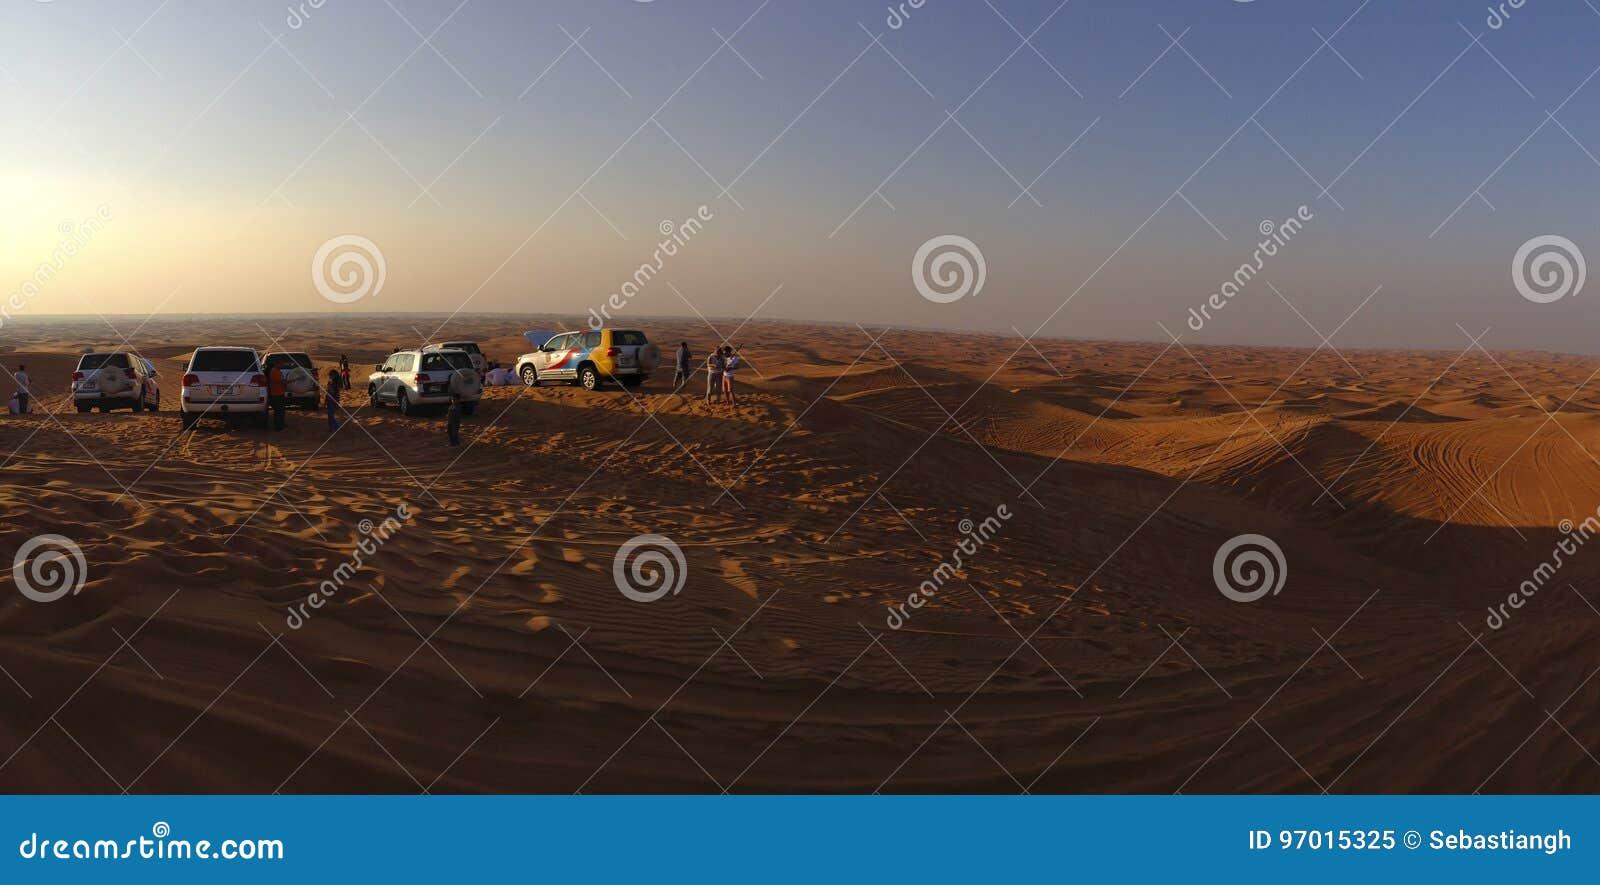 Désert Safary à Dubaï, EAU